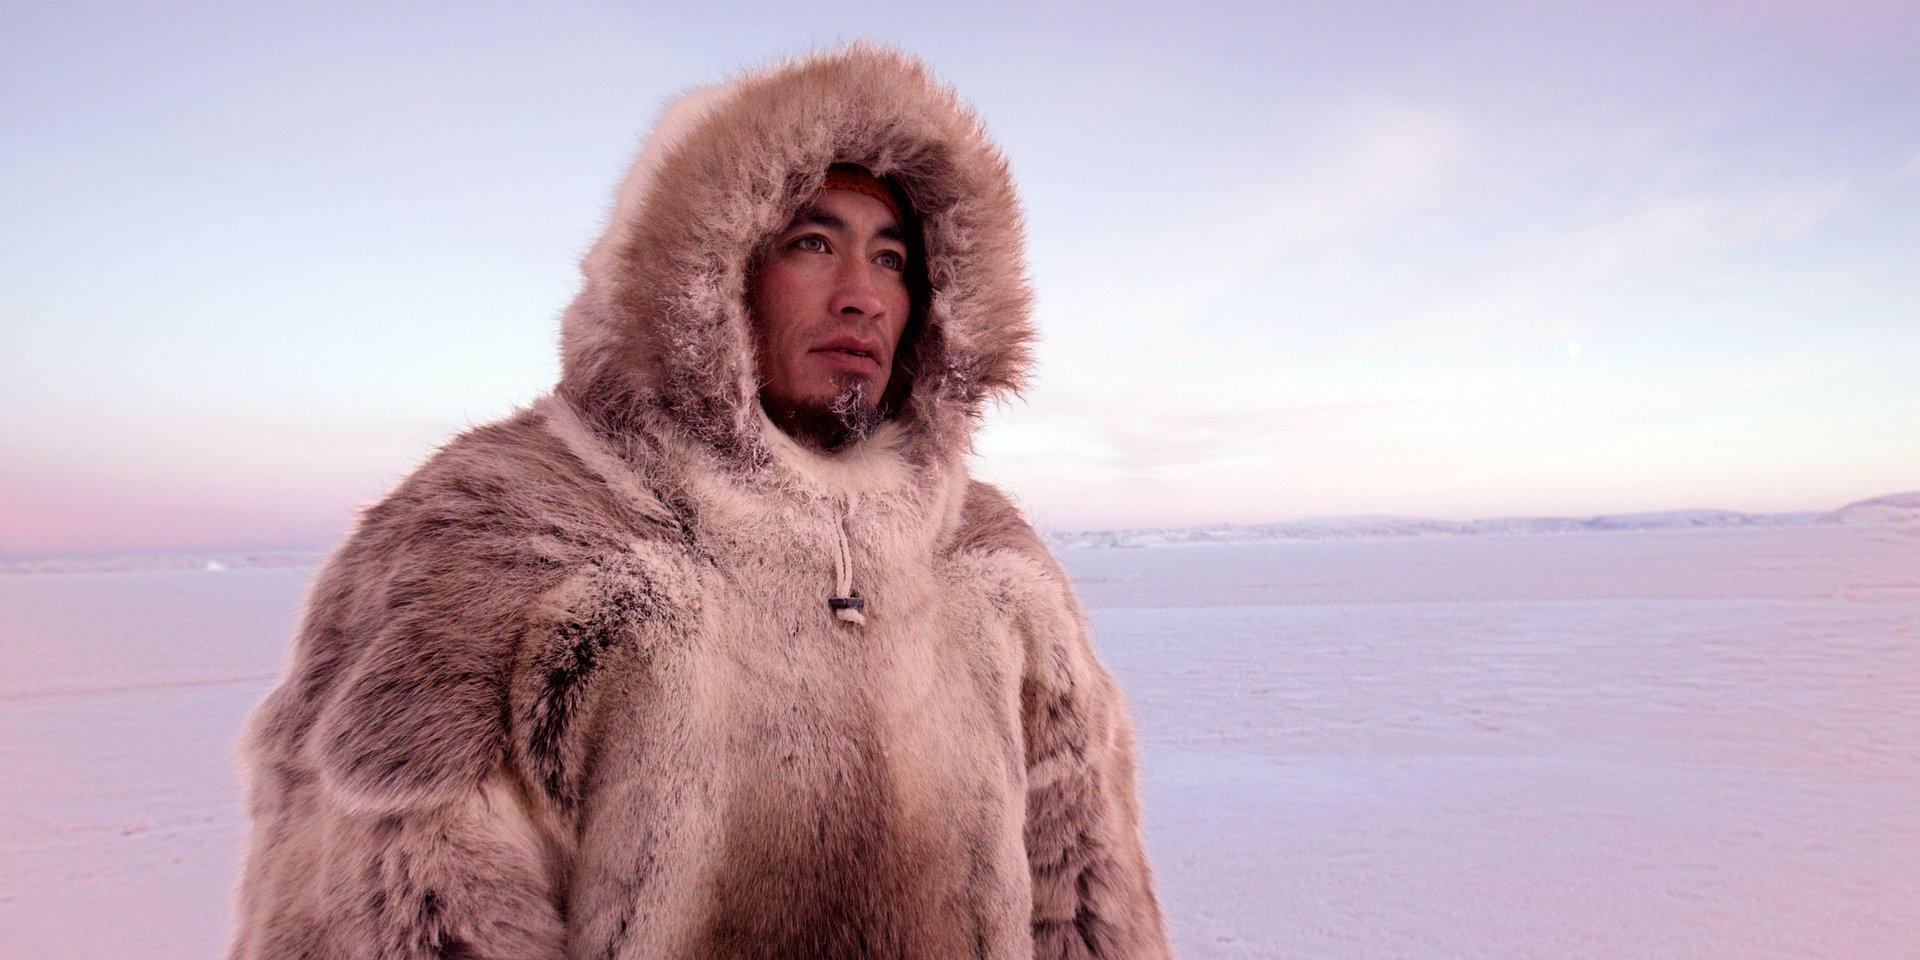 Arktyka topnieje - znikający lód zagraża środowisku i kulturze jej mieszkańców